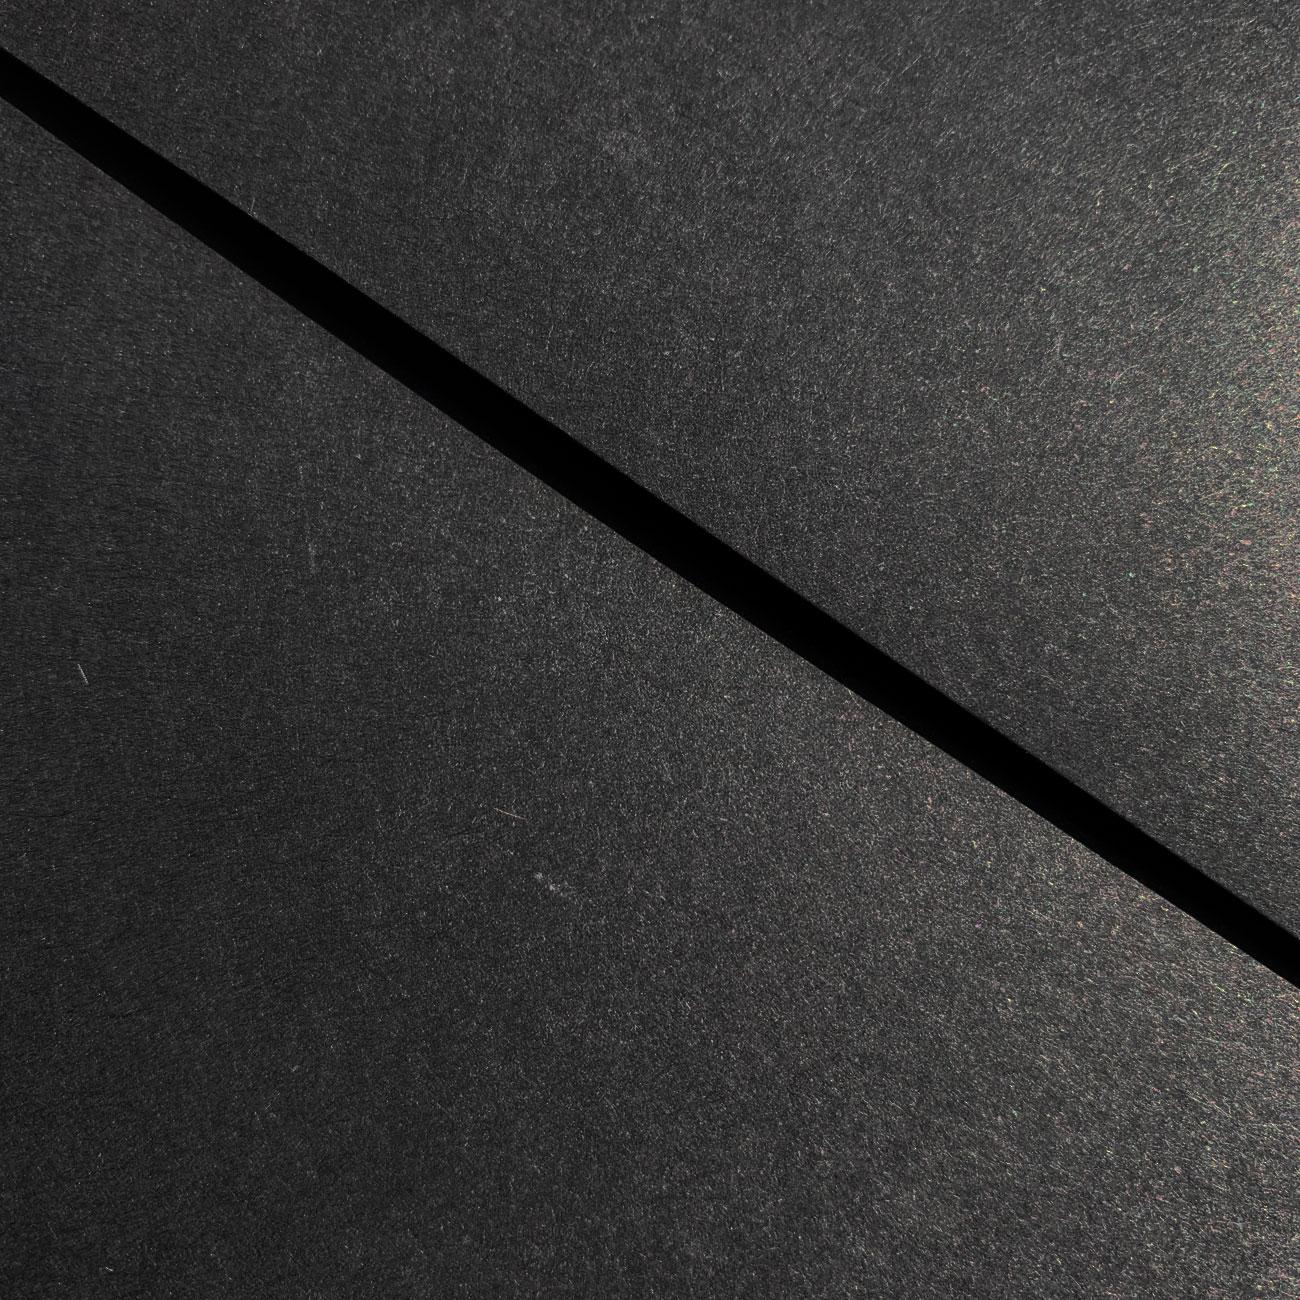 Schwartz Mappe, Klettpunktverlschluss, schwarz,